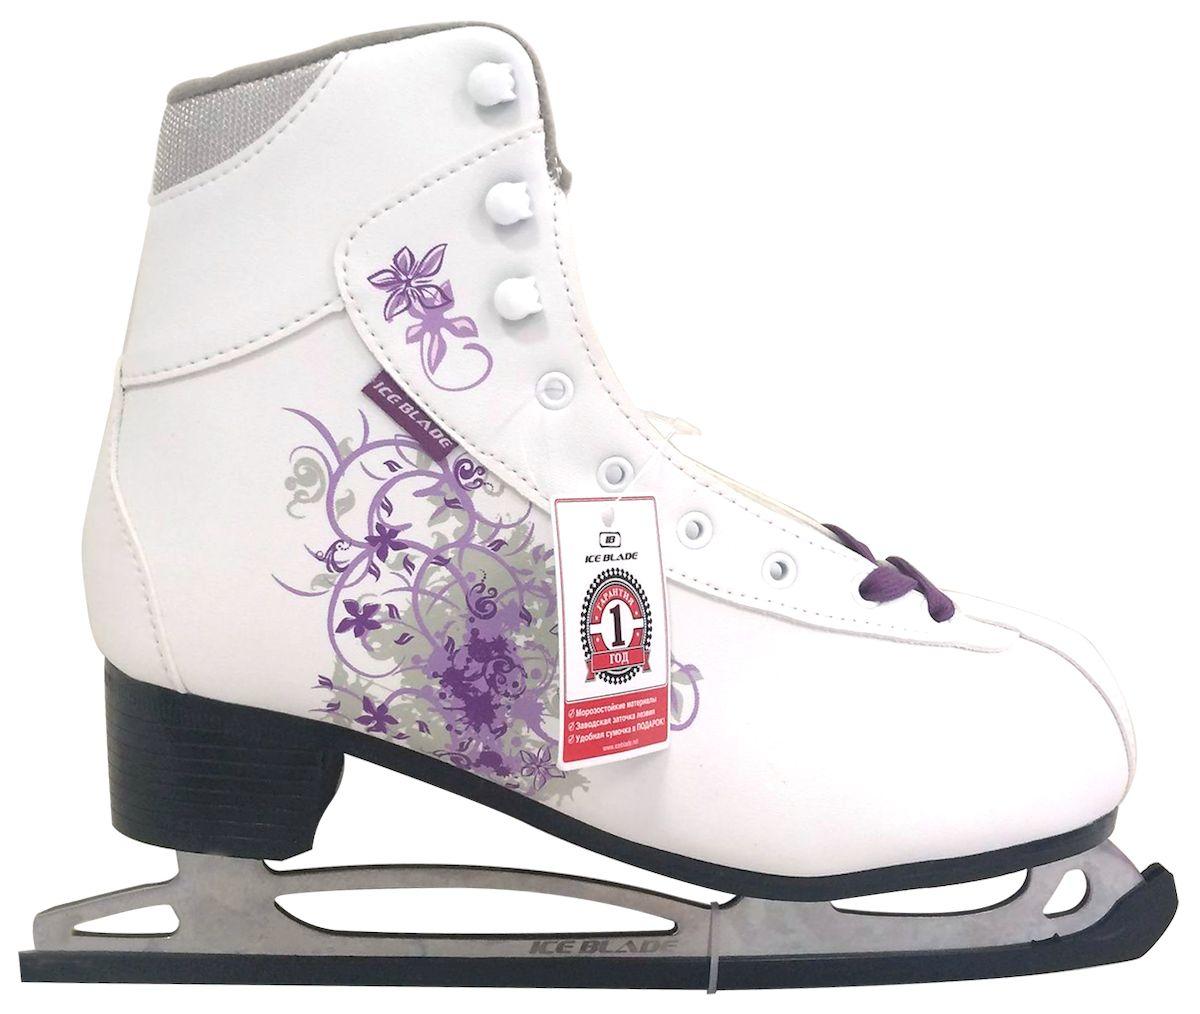 Коньки фигурные Ice Blade Sochi, цвет: белый, фиолетовый. УТ-00004988. Размер 40